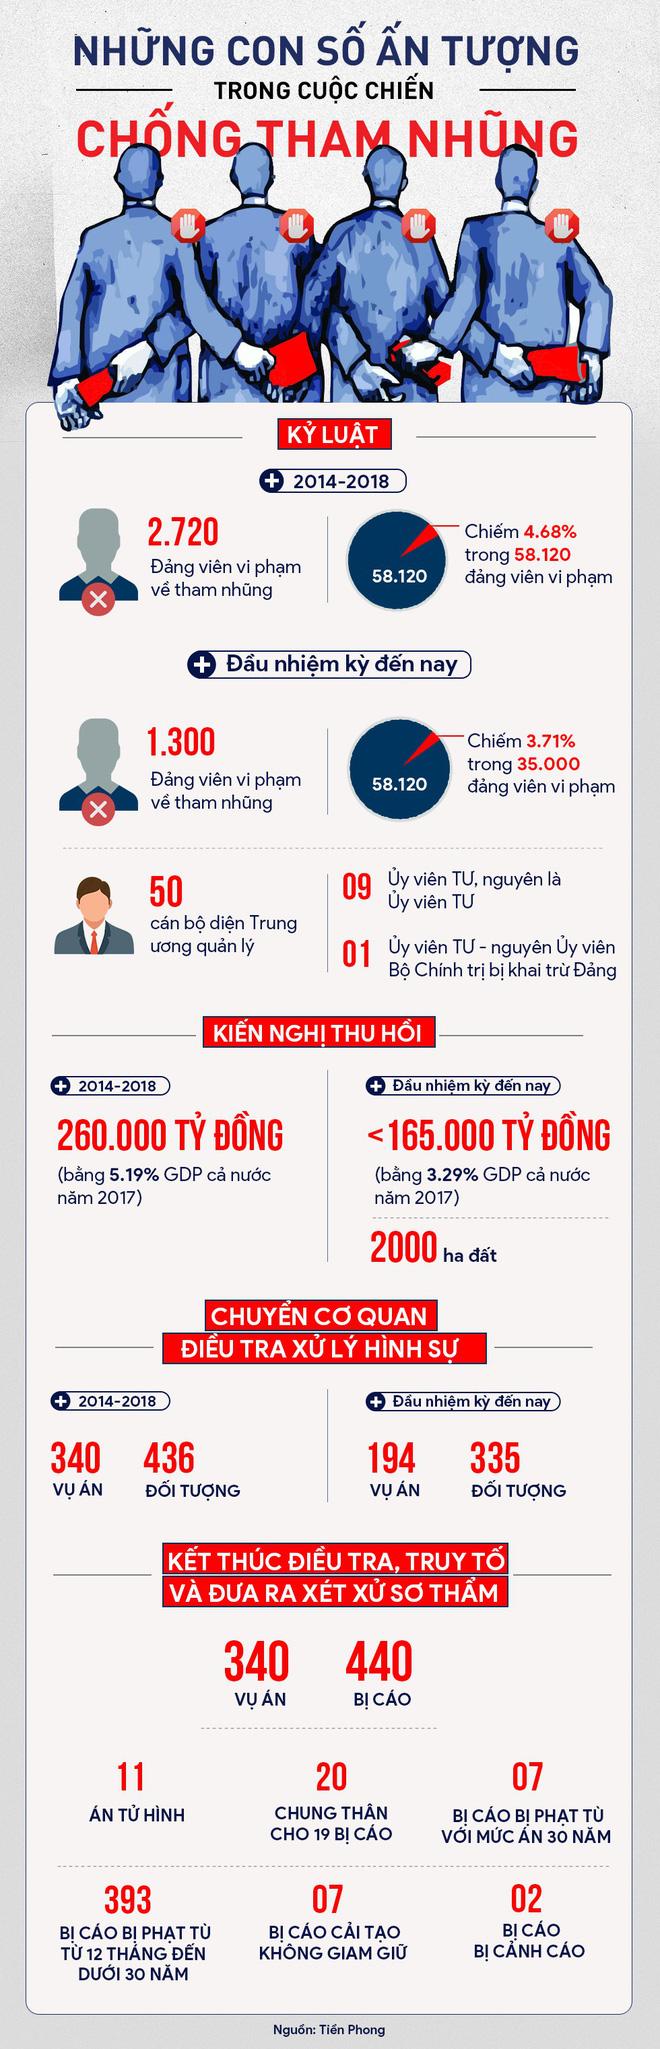 Những con số ấn tượng của cuộc chiến chống tham nhũng 1